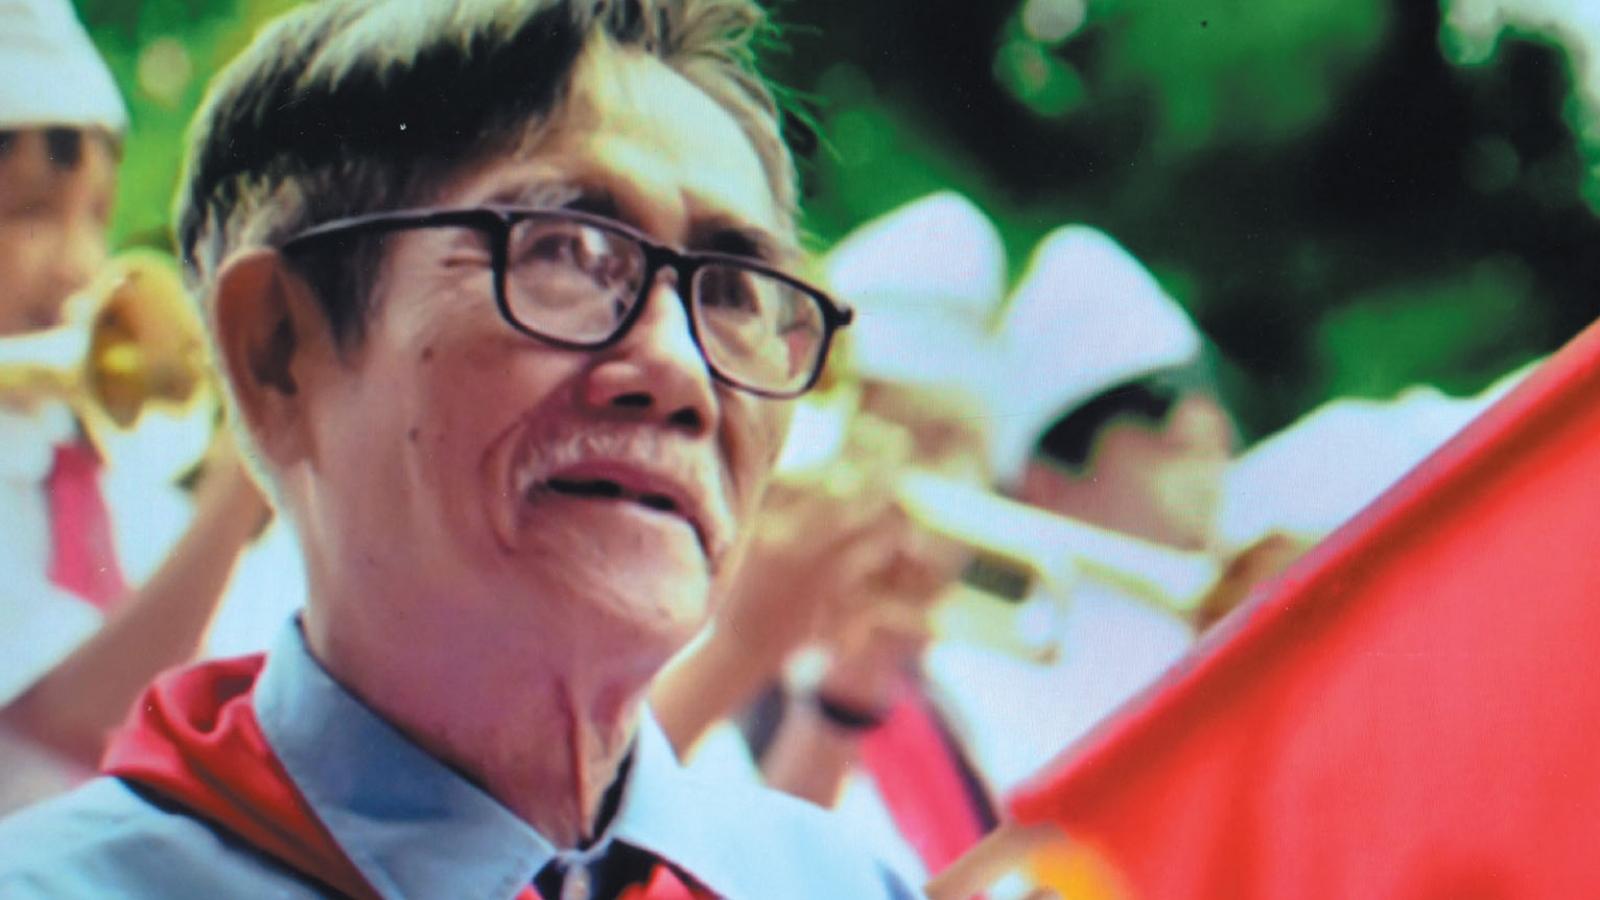 Ra mắt di cảo, hồi ký của nhạc sĩ Phong Nhã